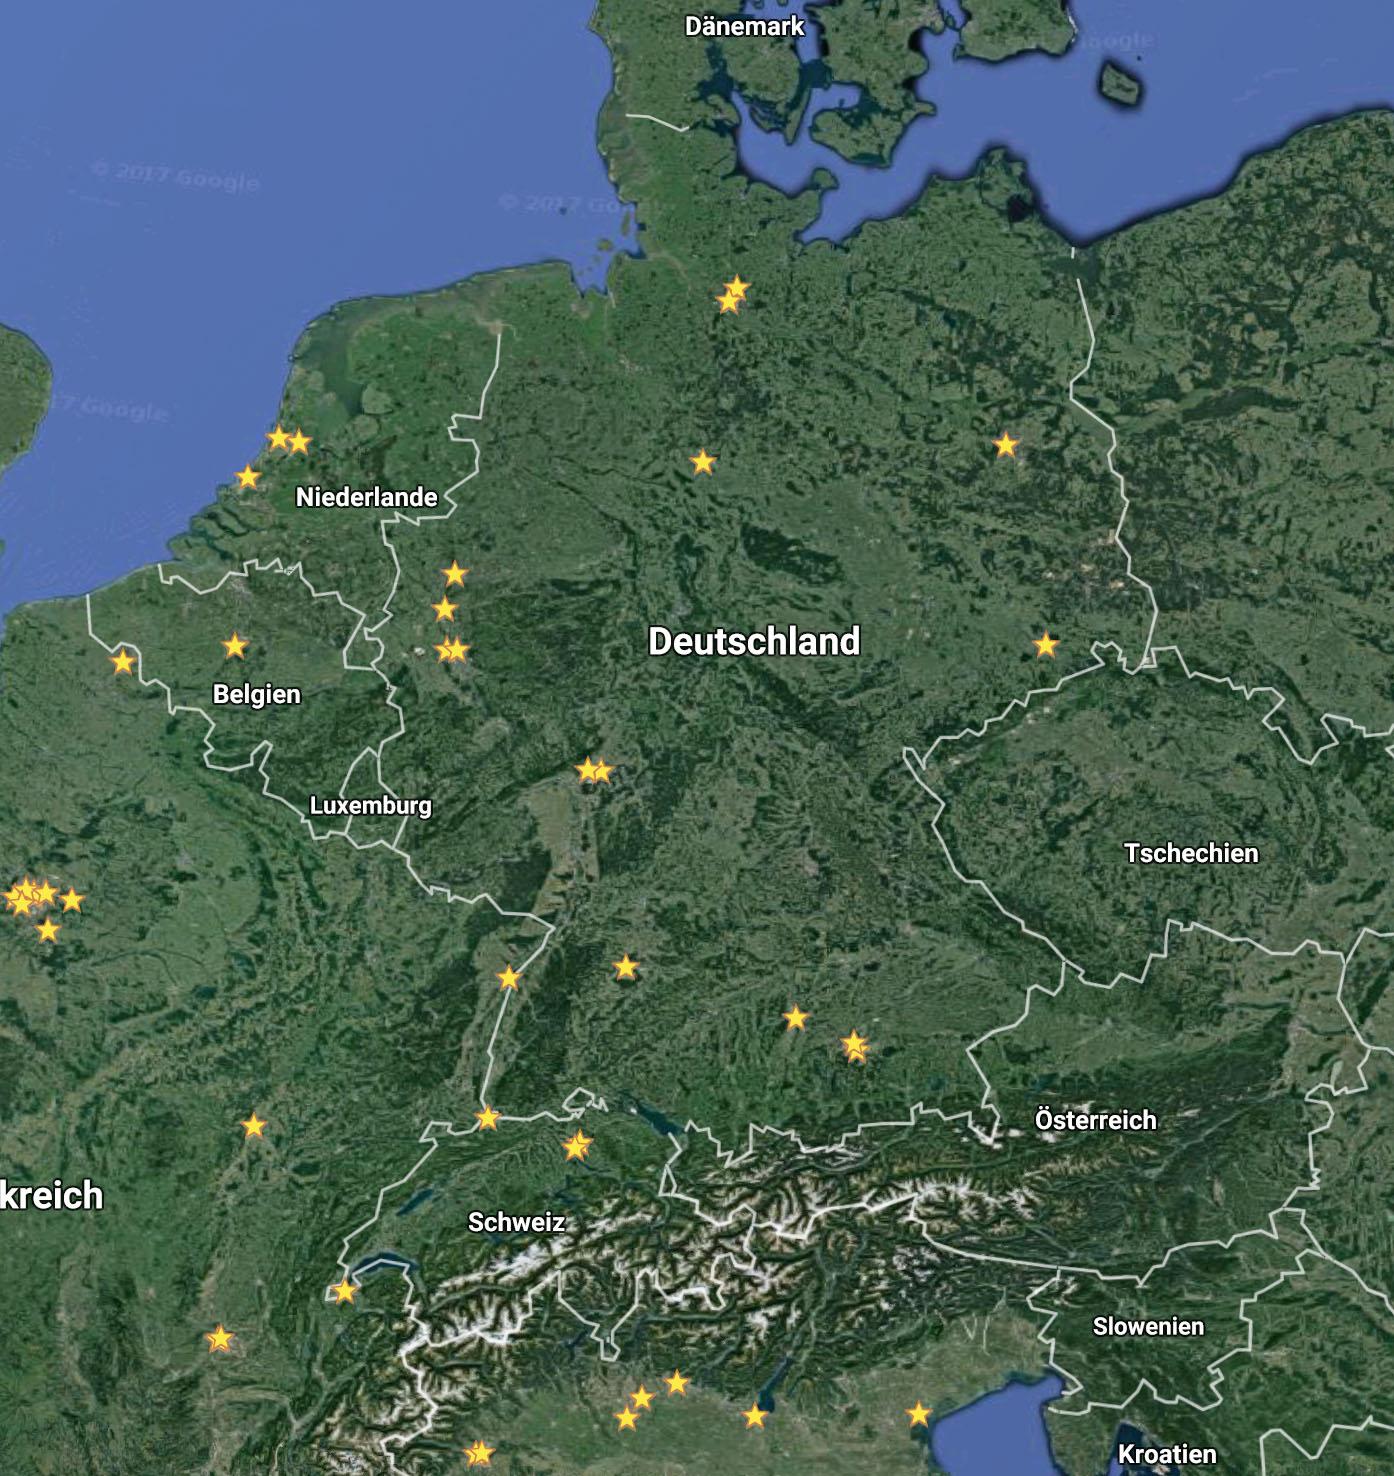 apple stores deutschland karte Übersicht: Alle Apple Stores in Ihrer Nähe   Karte von Deutschland